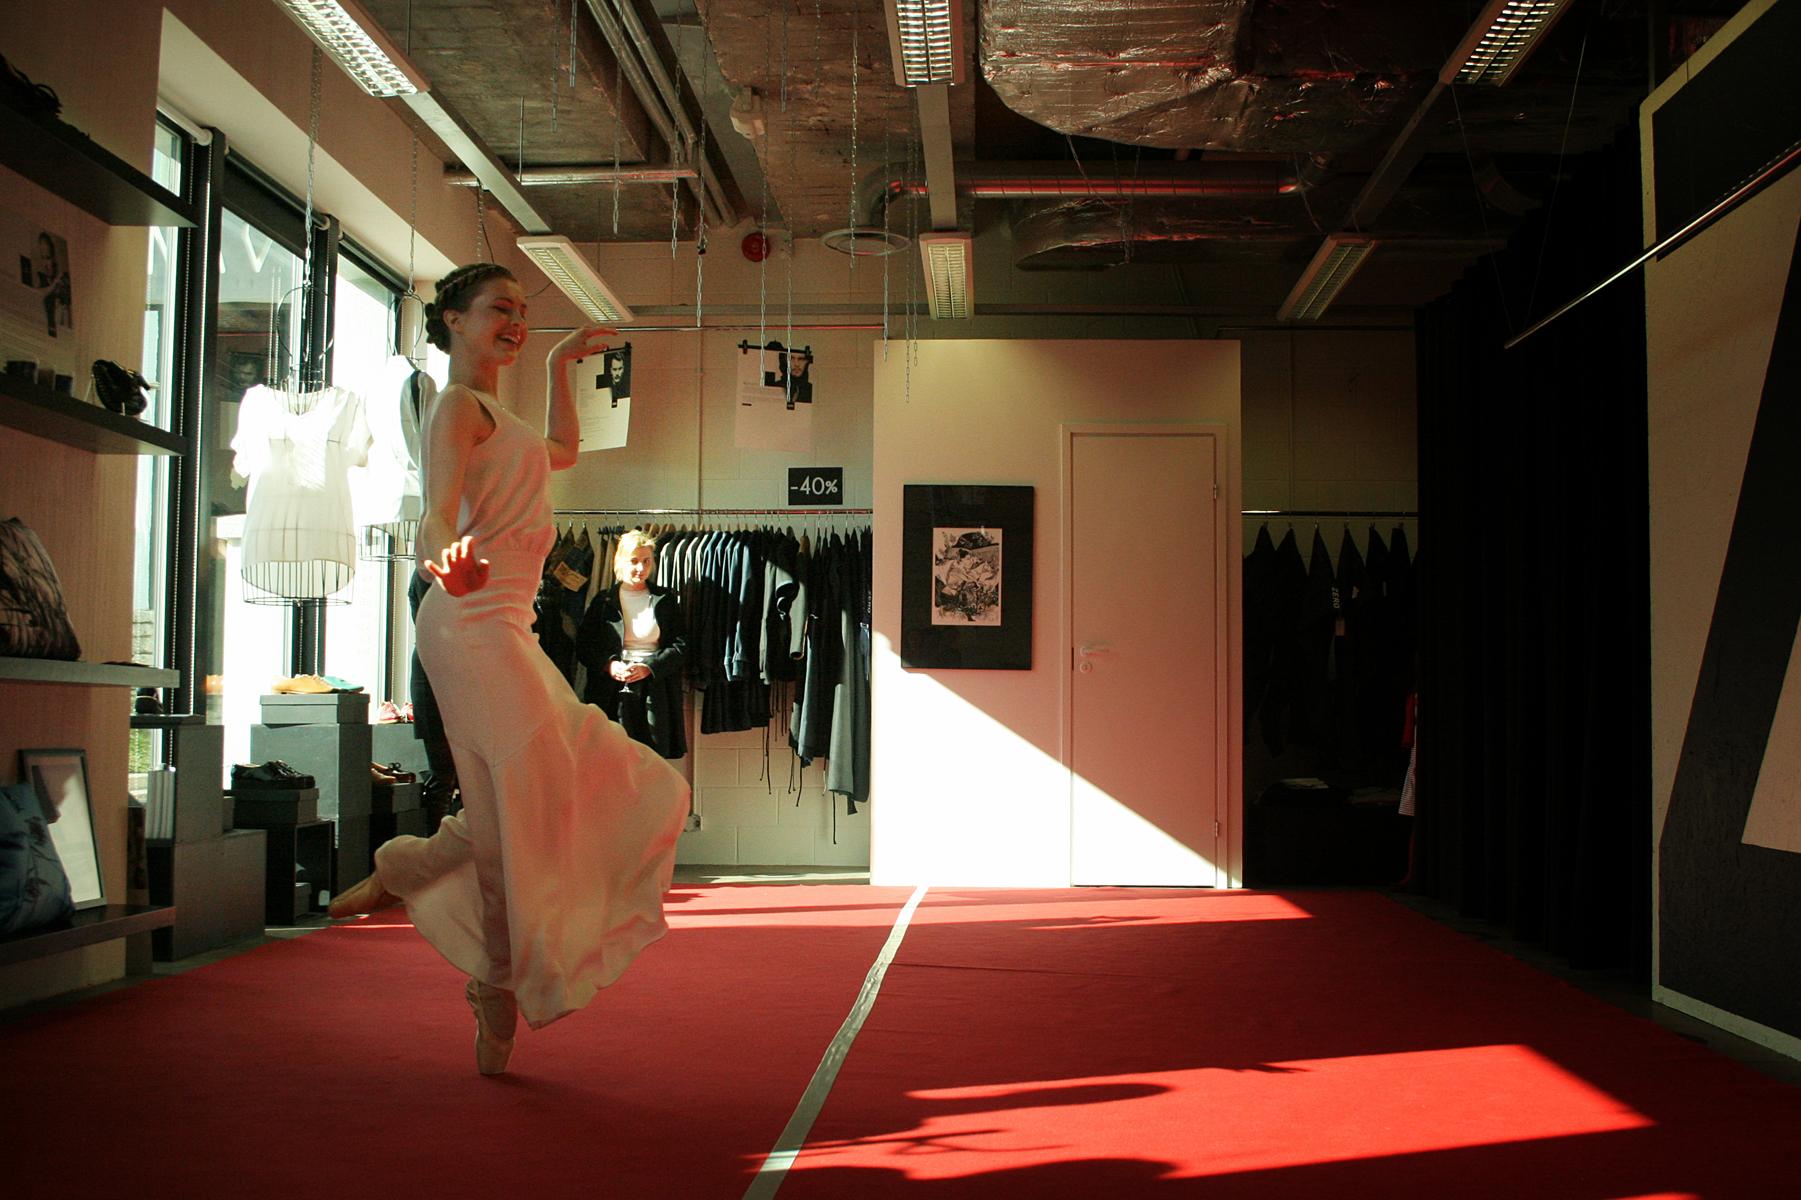 066535de599de545 Moedisainer Kaidi Kuuri suvist kollektsioon FLOWING MIRAGE esitlesid tantsijannad